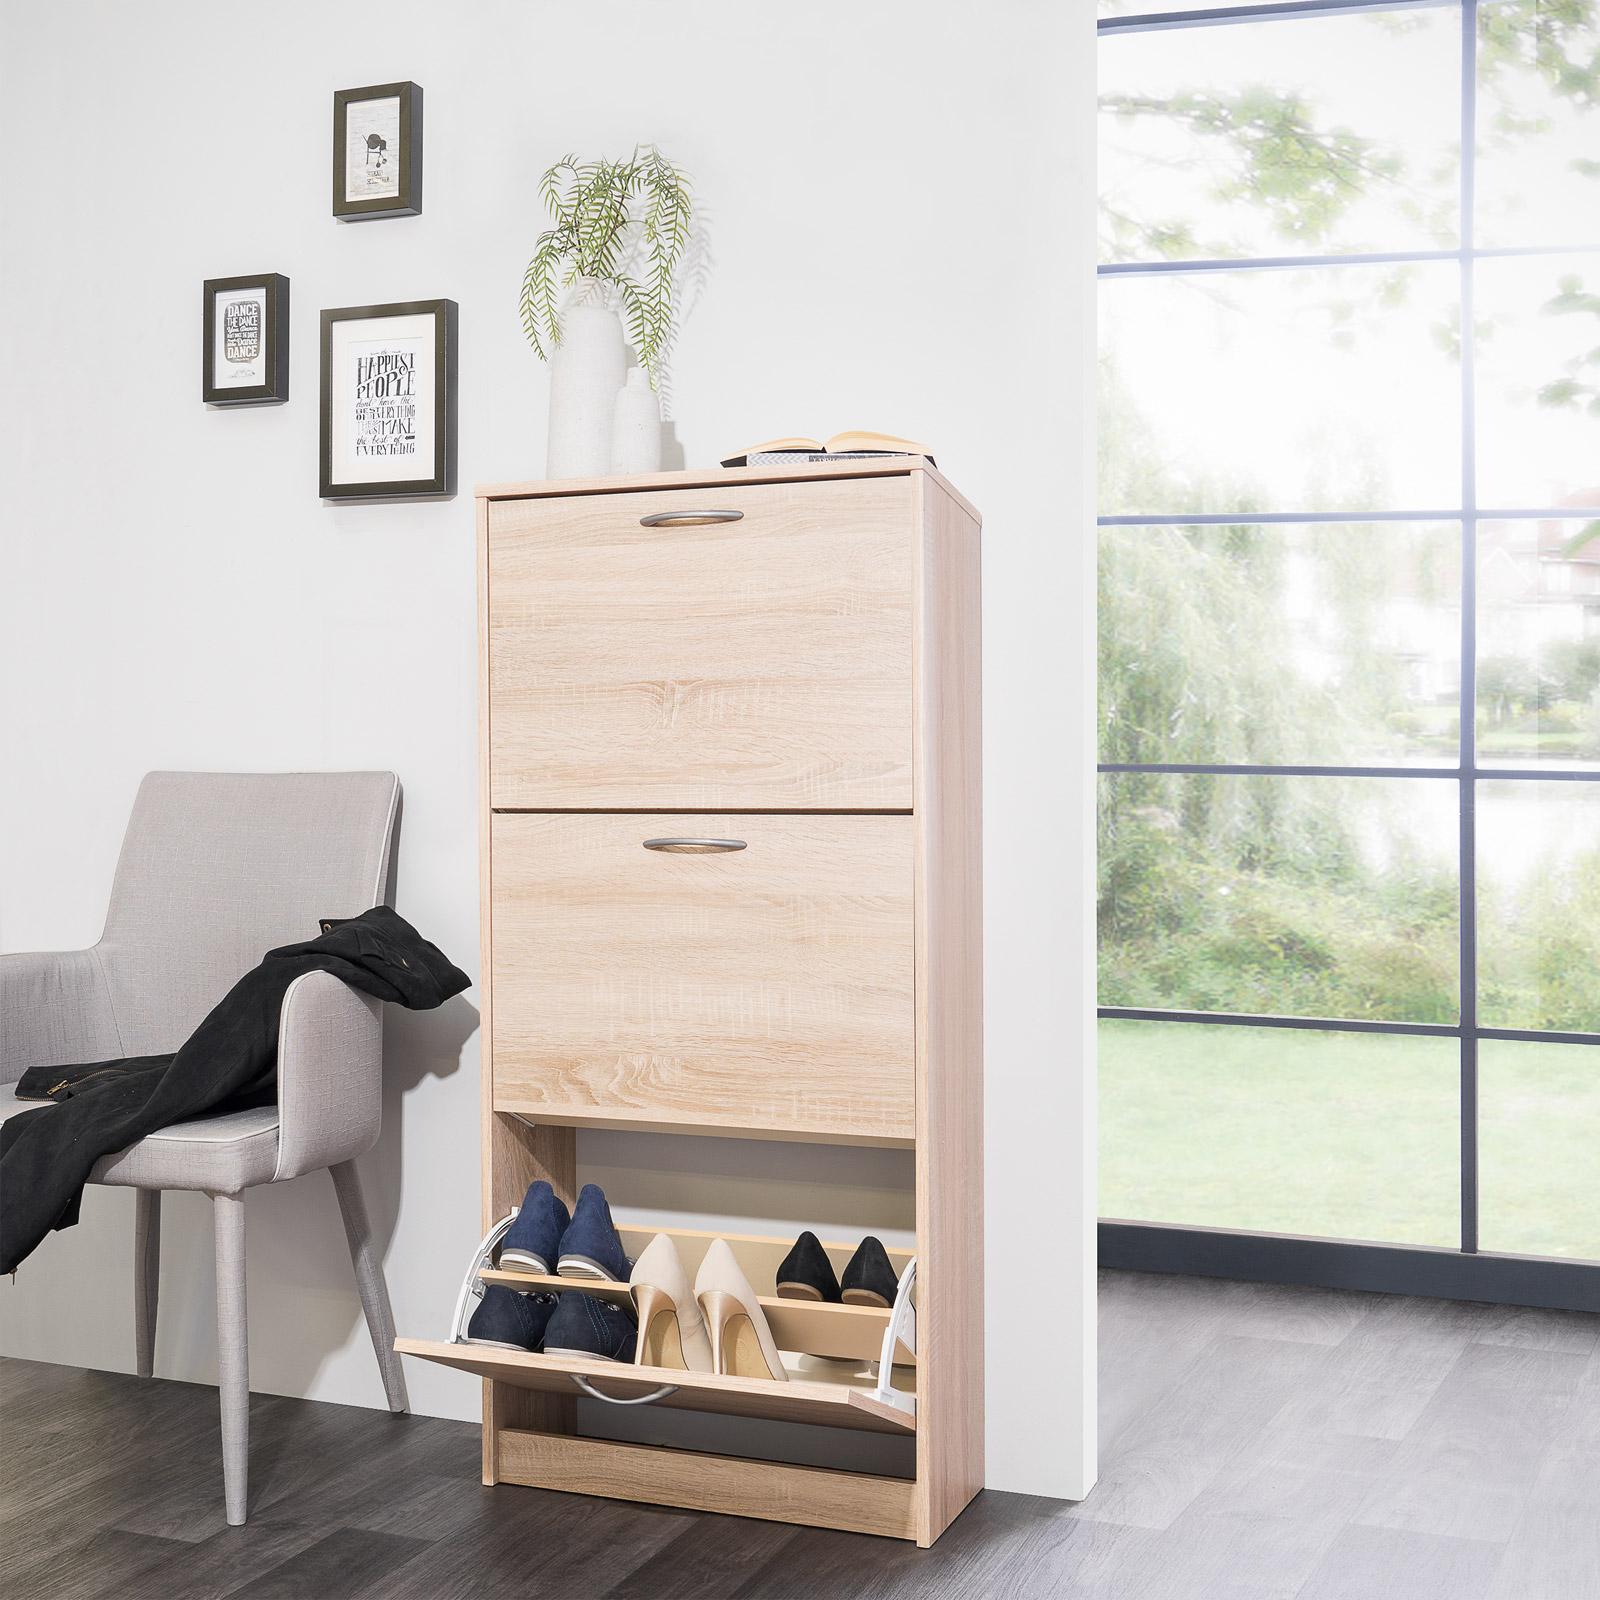 schuhschrank mainz schuhkipper schuhregal in 2 gr en eiche sonoma buche wei ebay. Black Bedroom Furniture Sets. Home Design Ideas